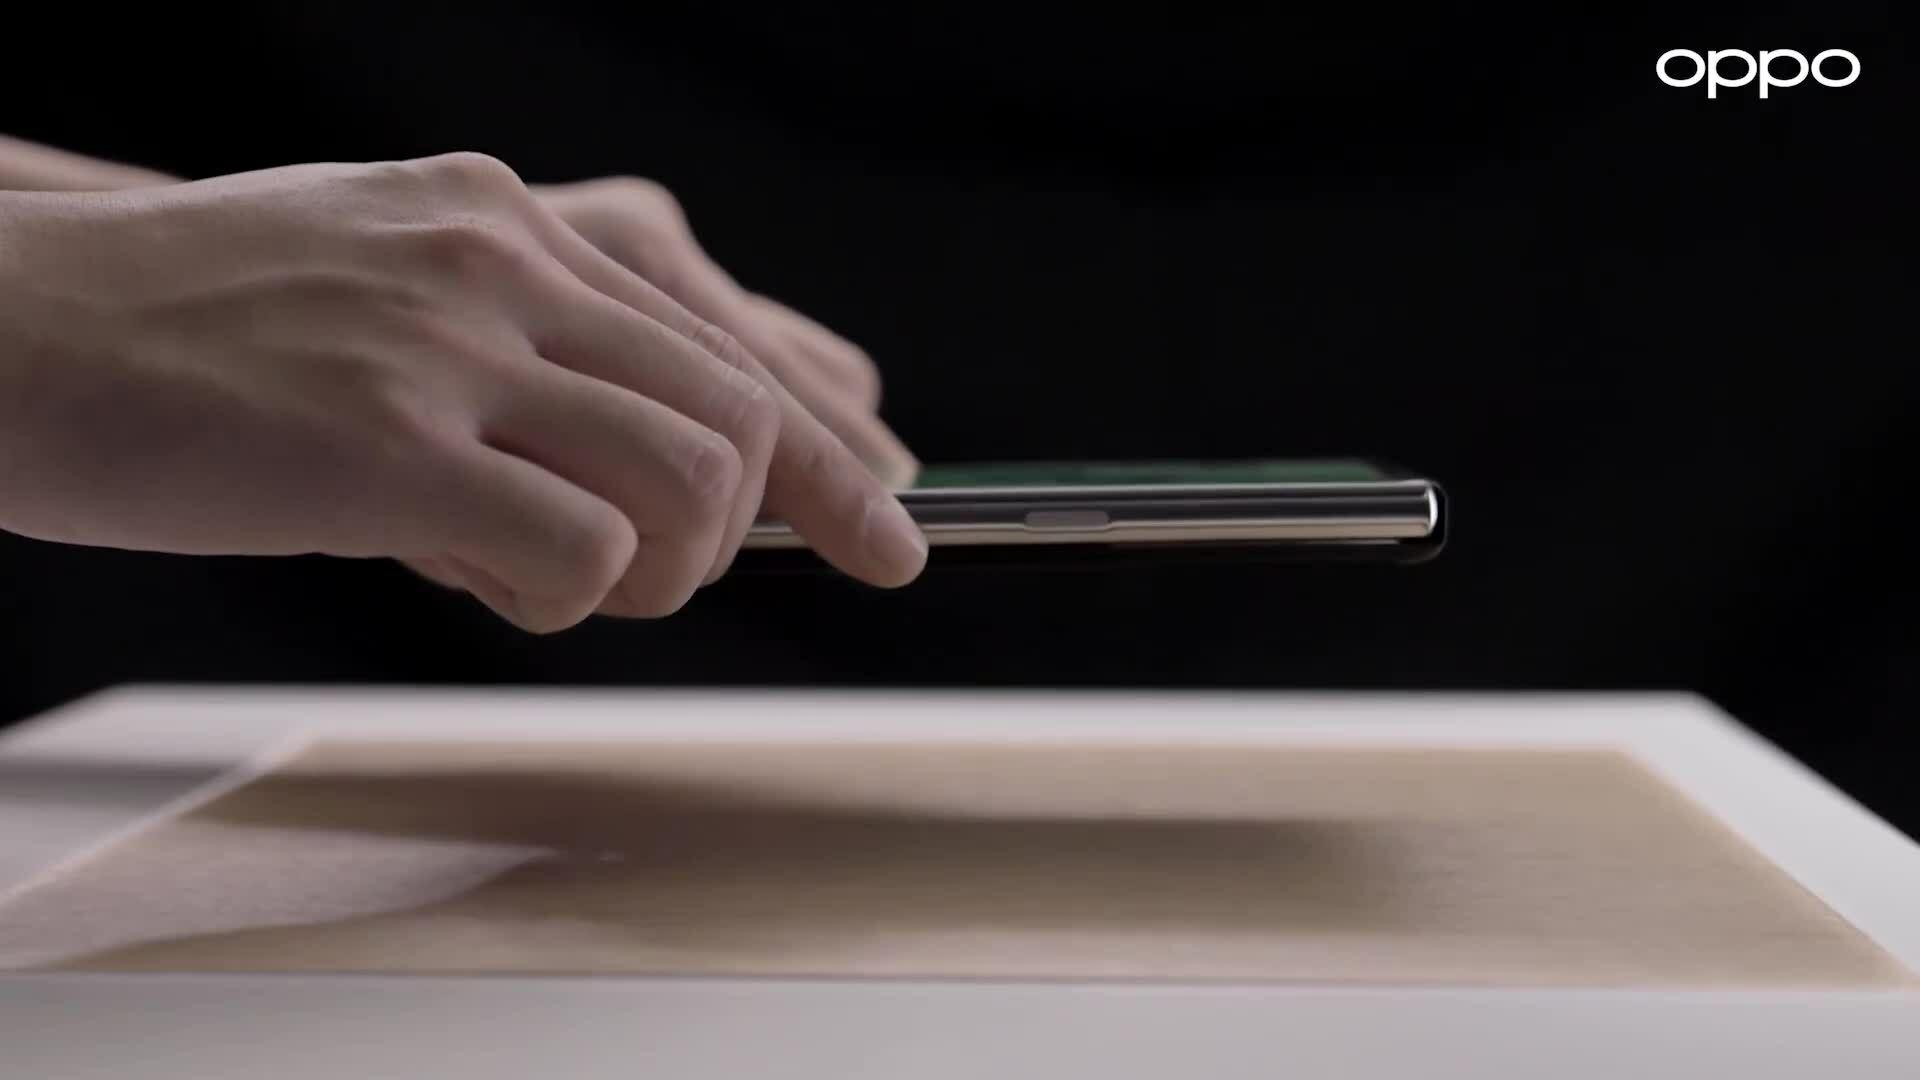 Oppo ra công nghệ sạc không dây không tiếp xúc